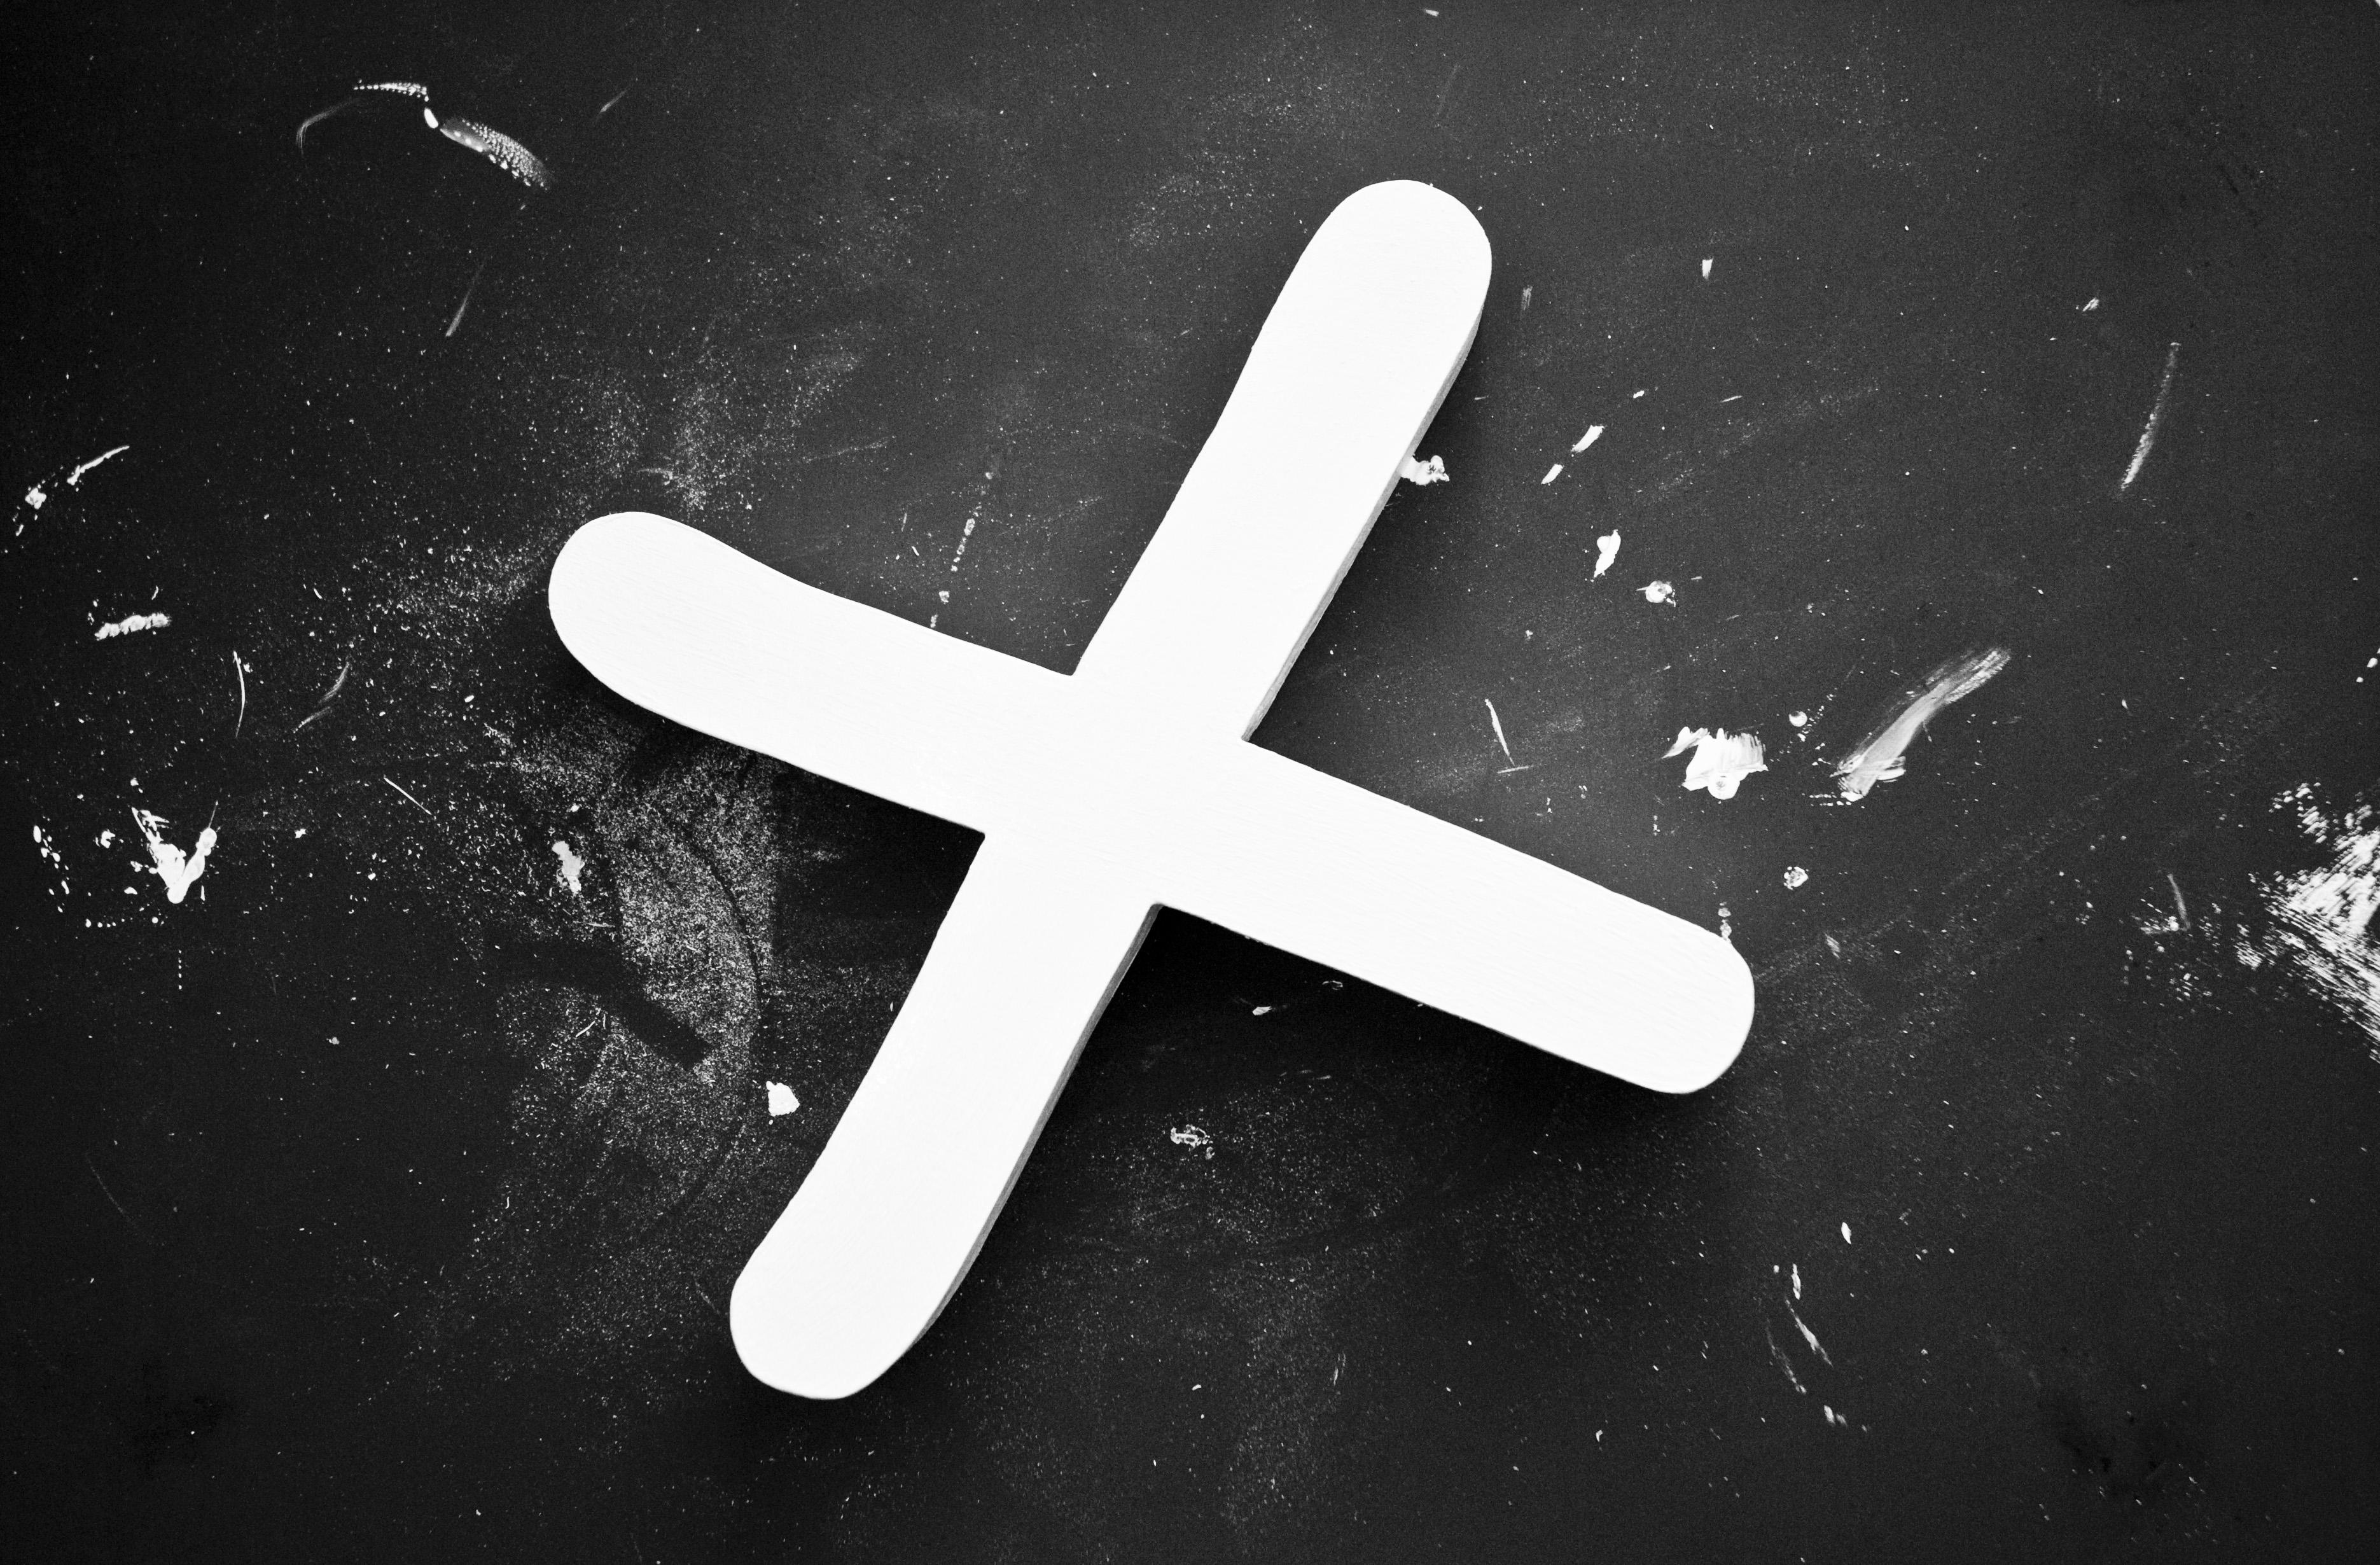 خلفيات حرف x